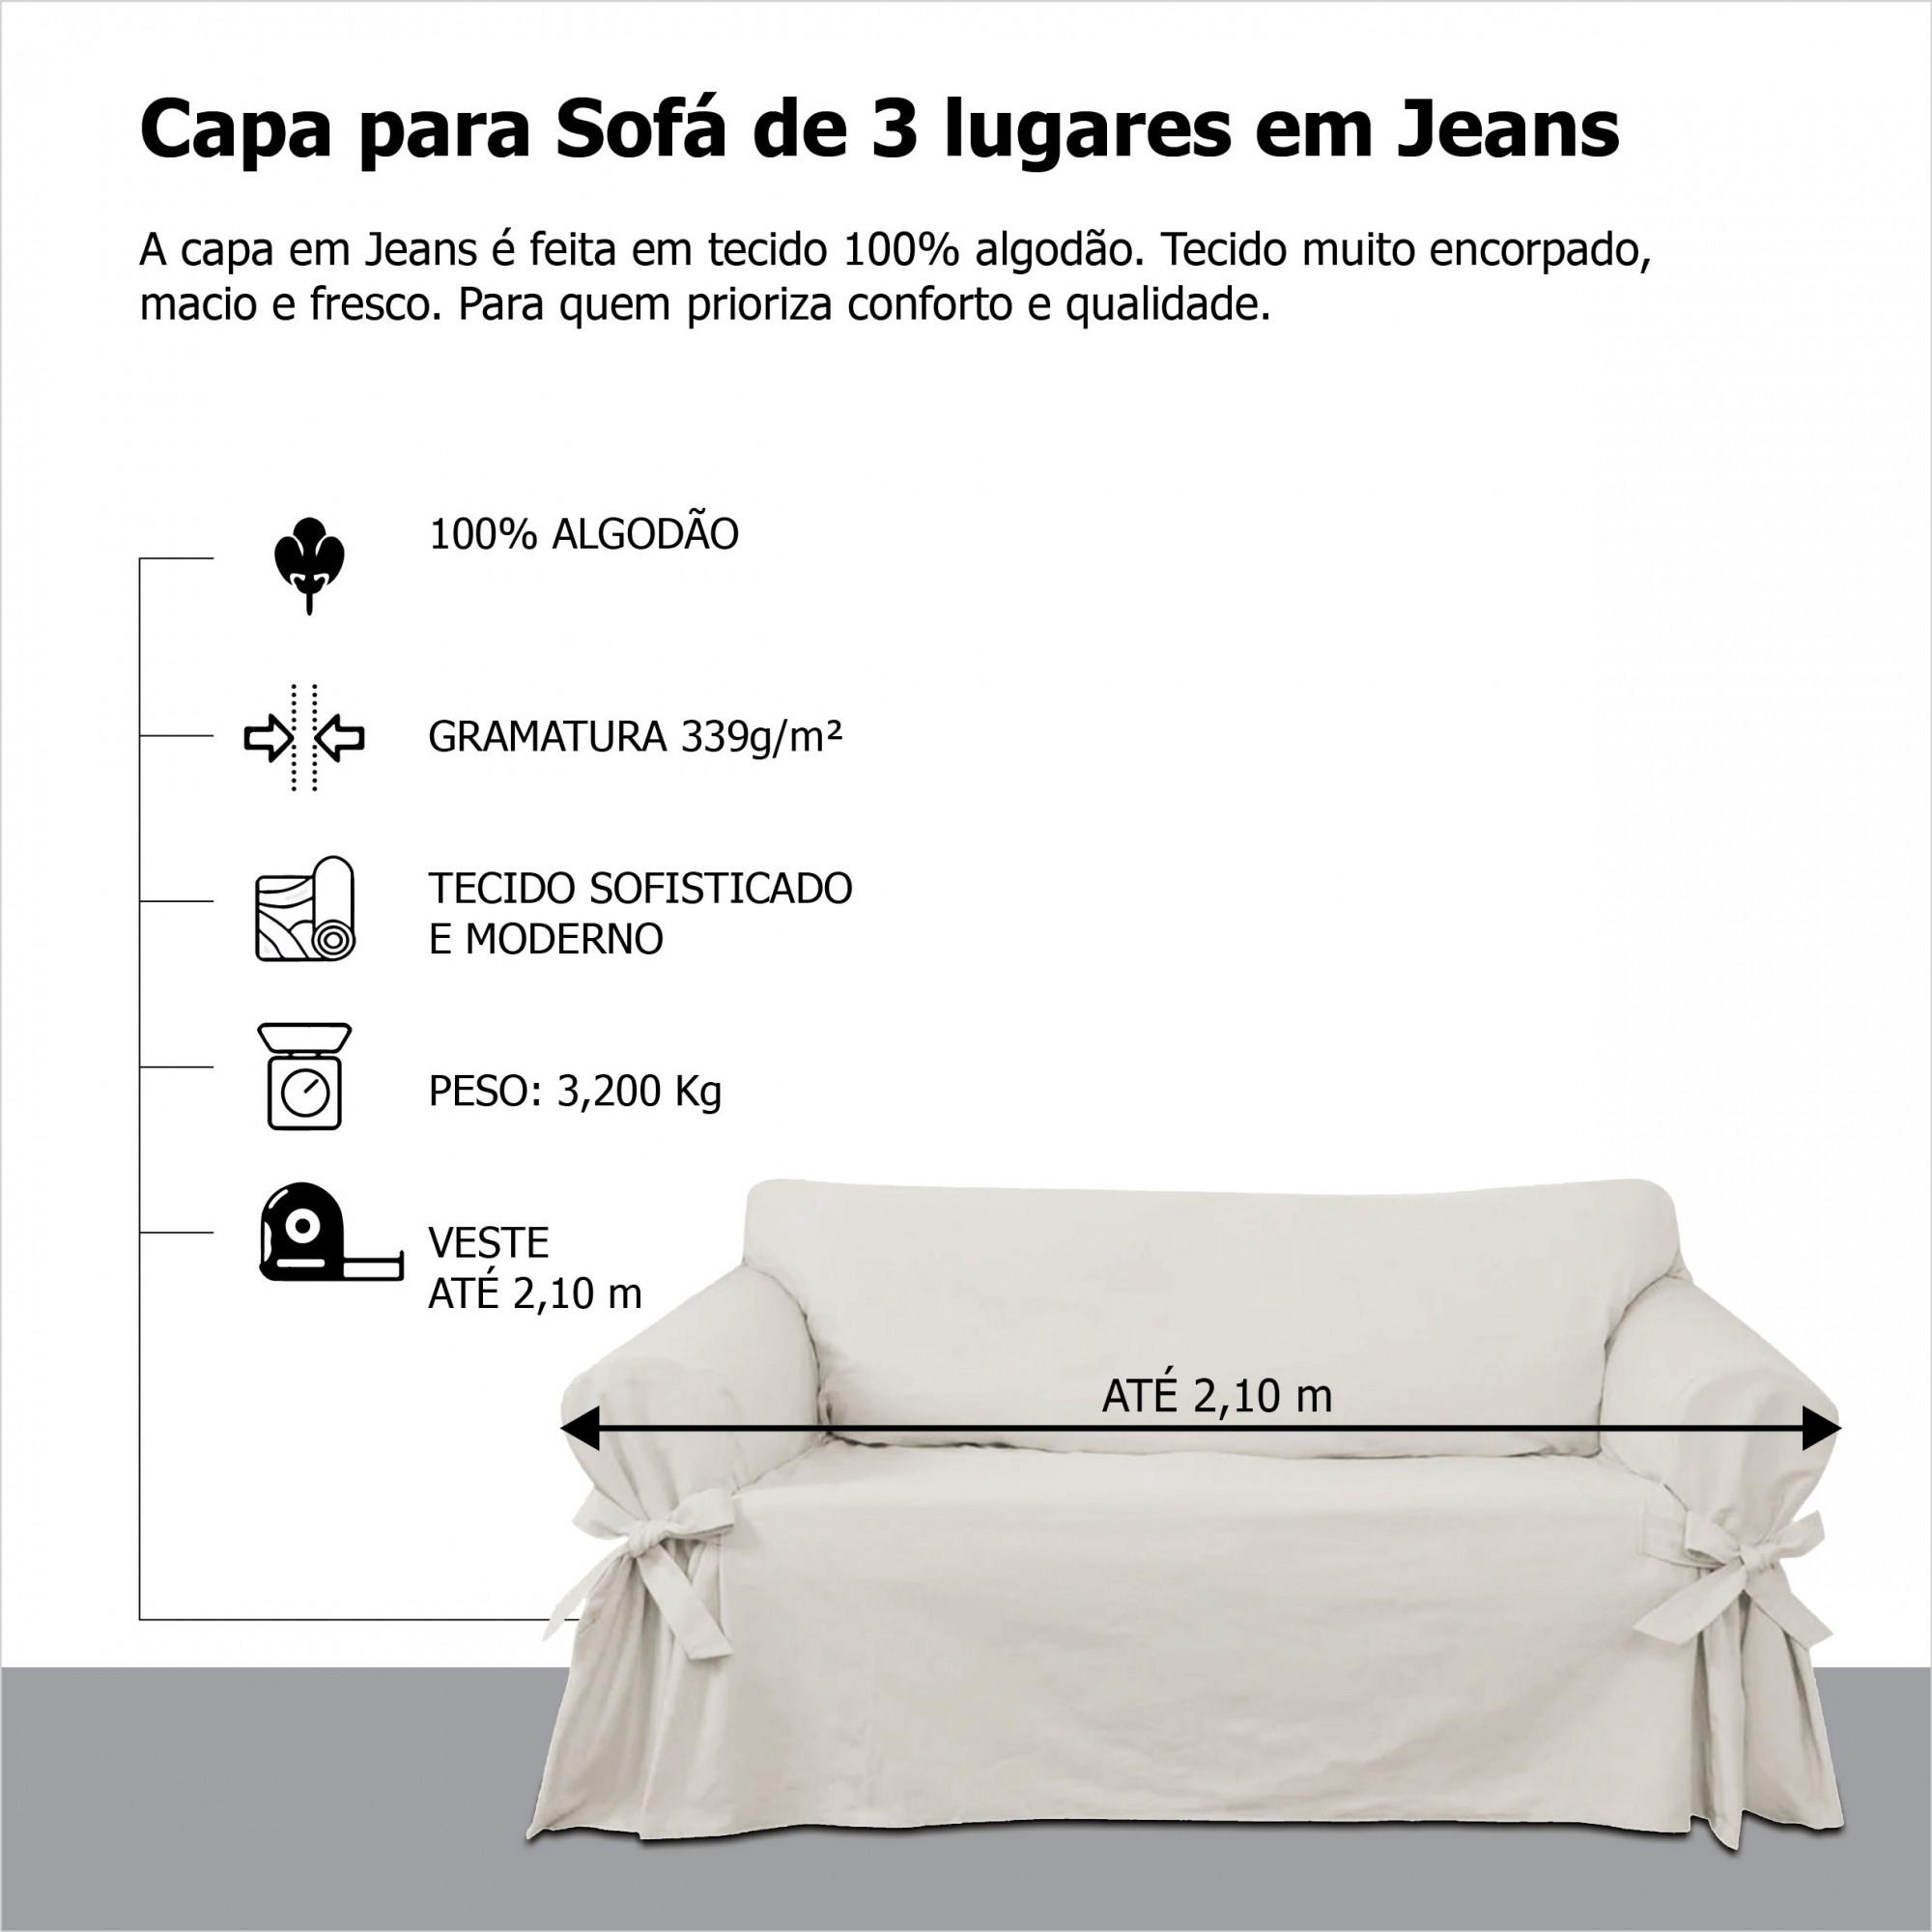 Capa para Sofá de 3 Lugares em Jeans